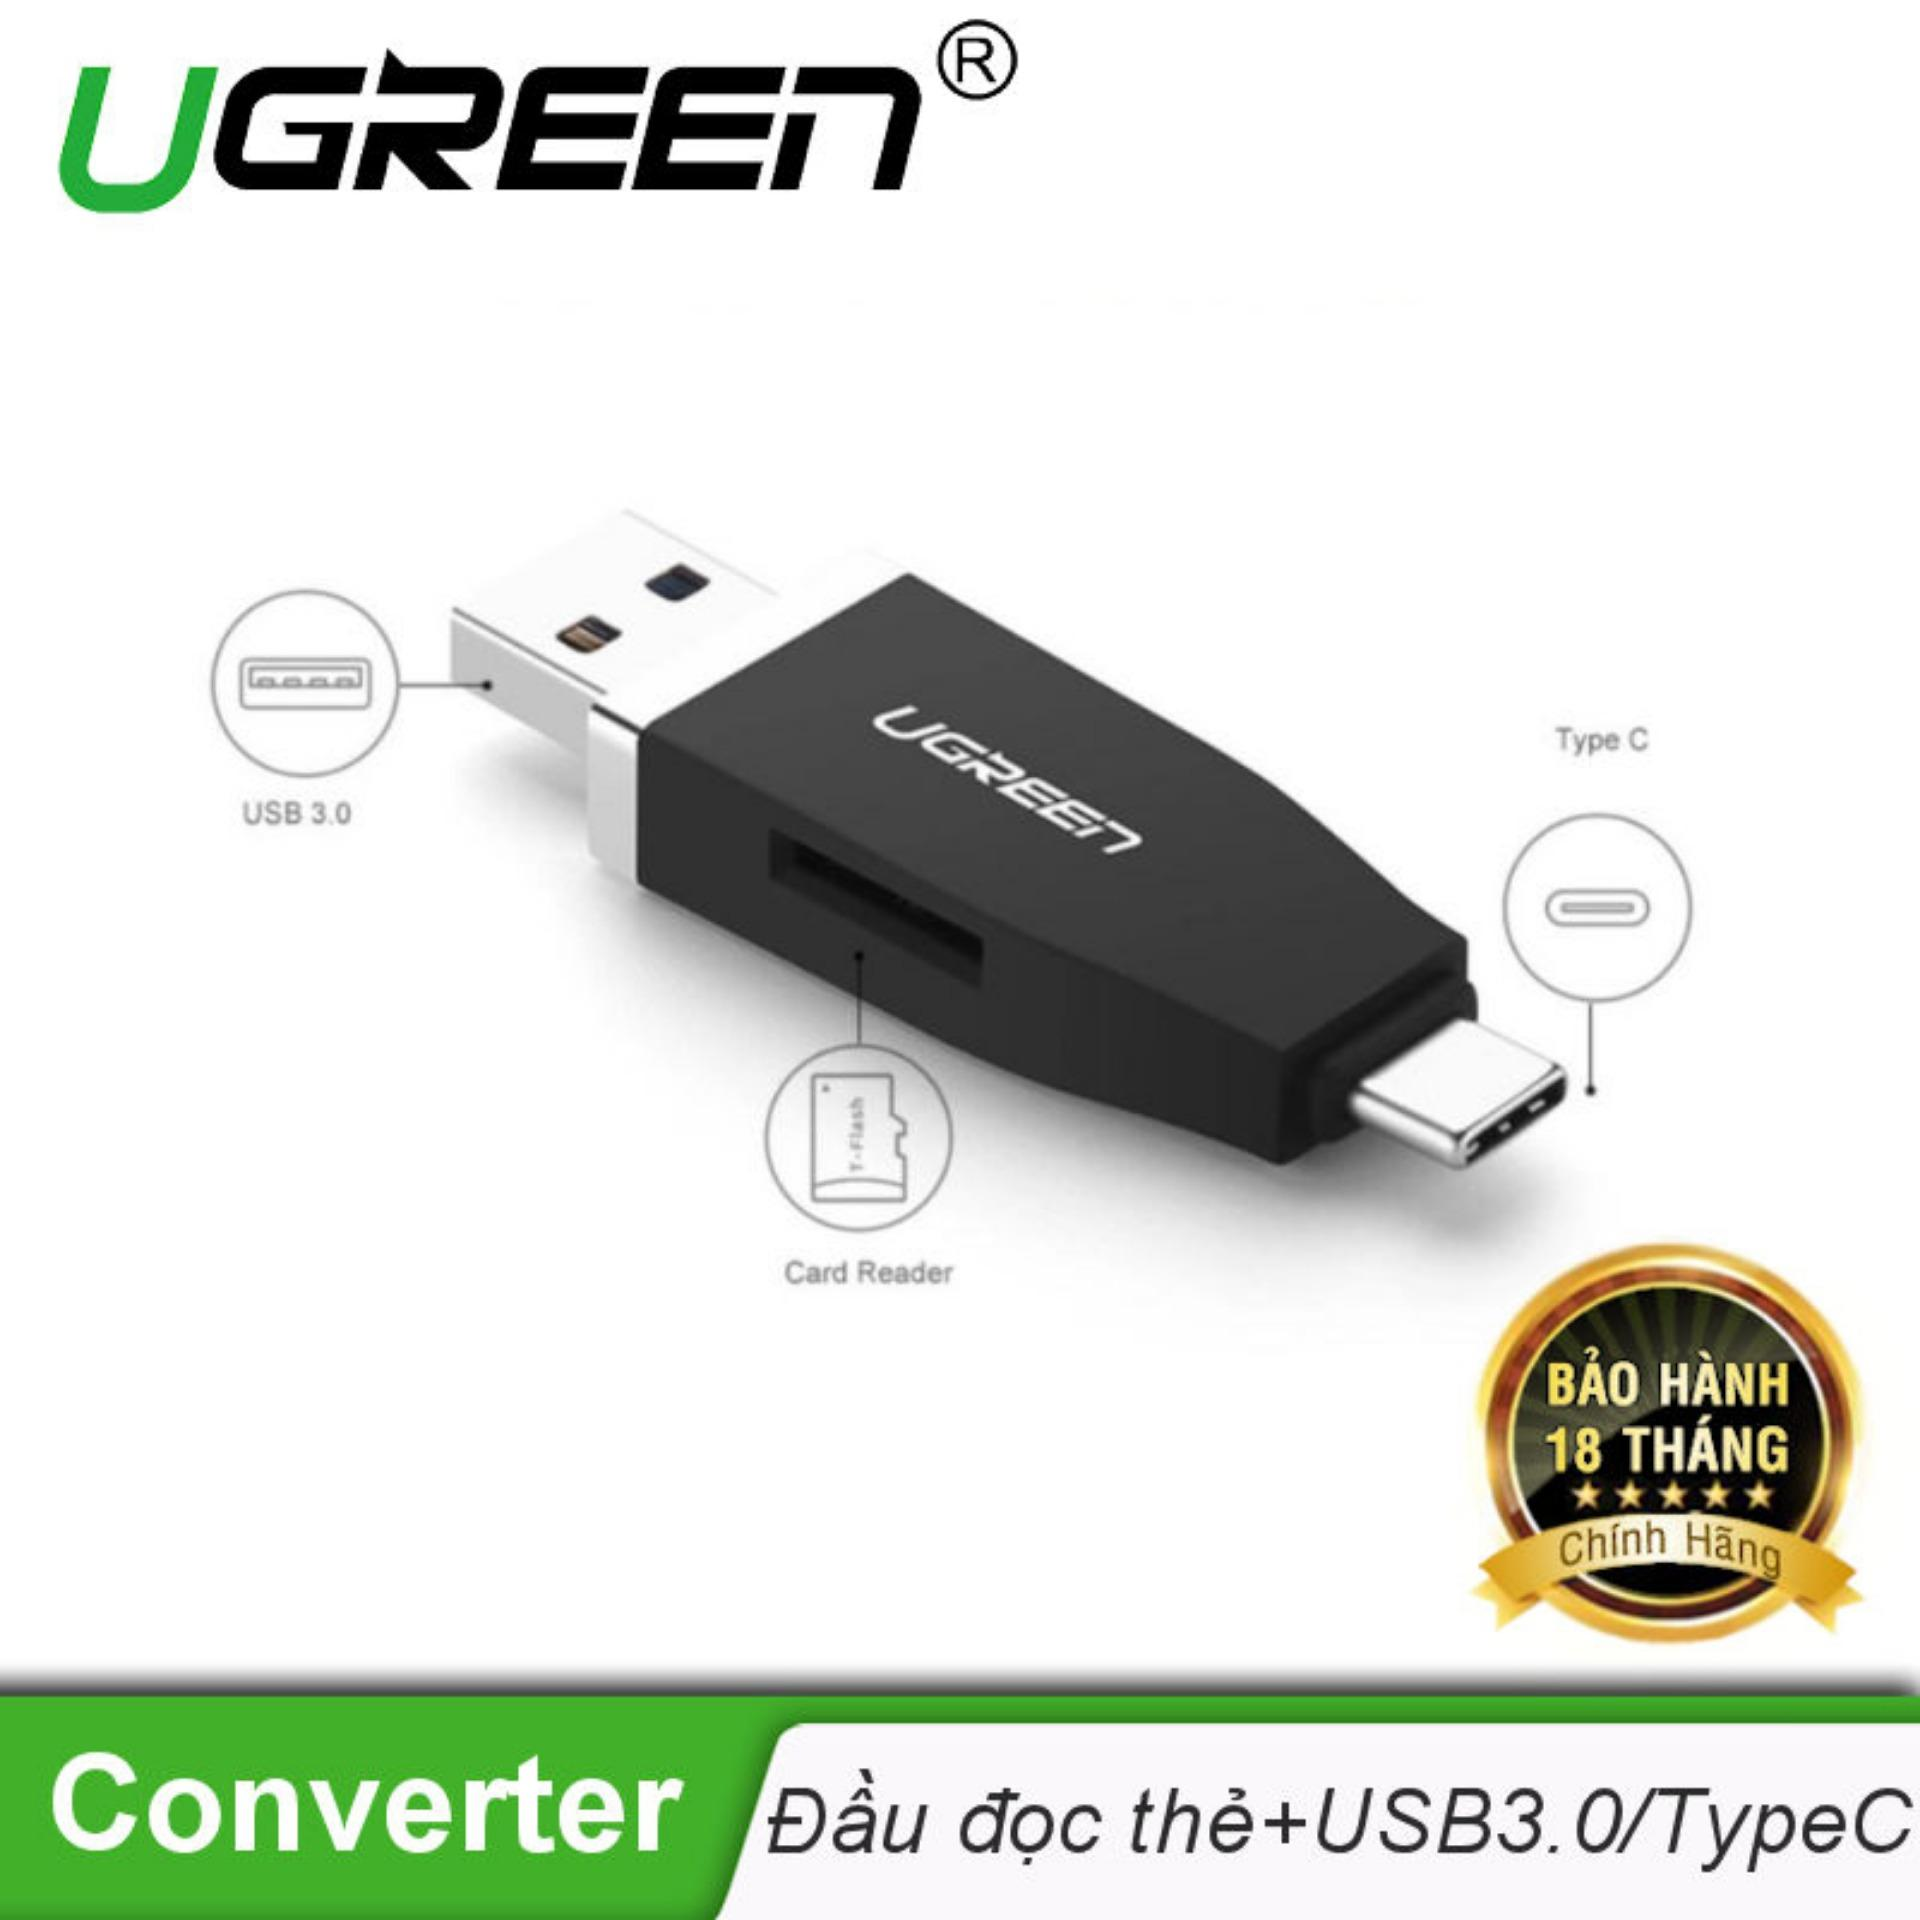 Đầu đọc thẻ nhớ 2 trong 1 USB 3.0 và USB Type-C UGREEN 30359 - Hãng phân phối chính thức